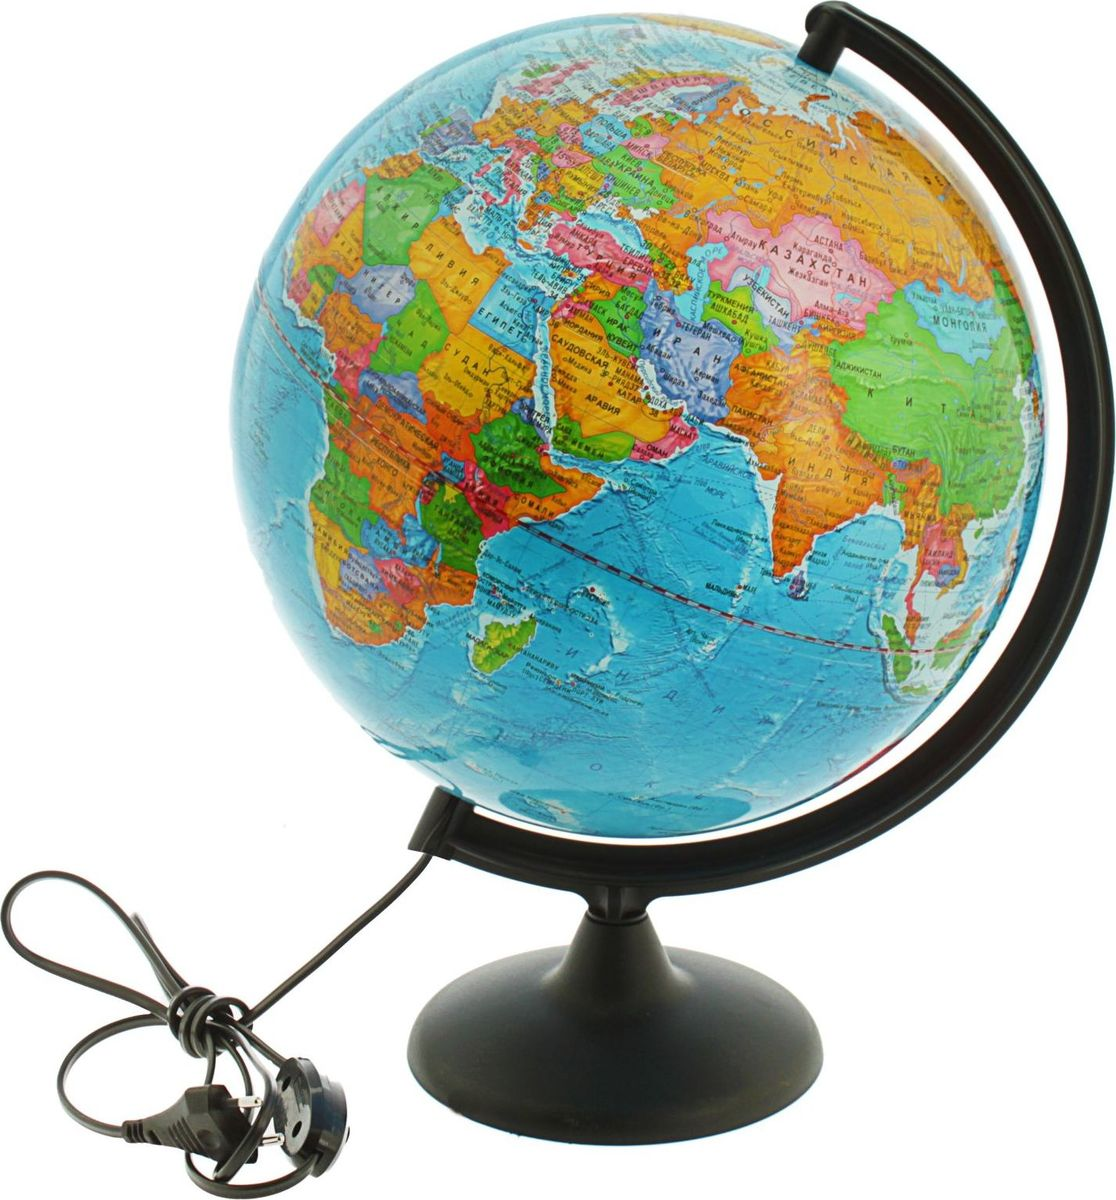 Глобусный мир Глобус политический с подсветкой диаметр 30 см -  Глобусы